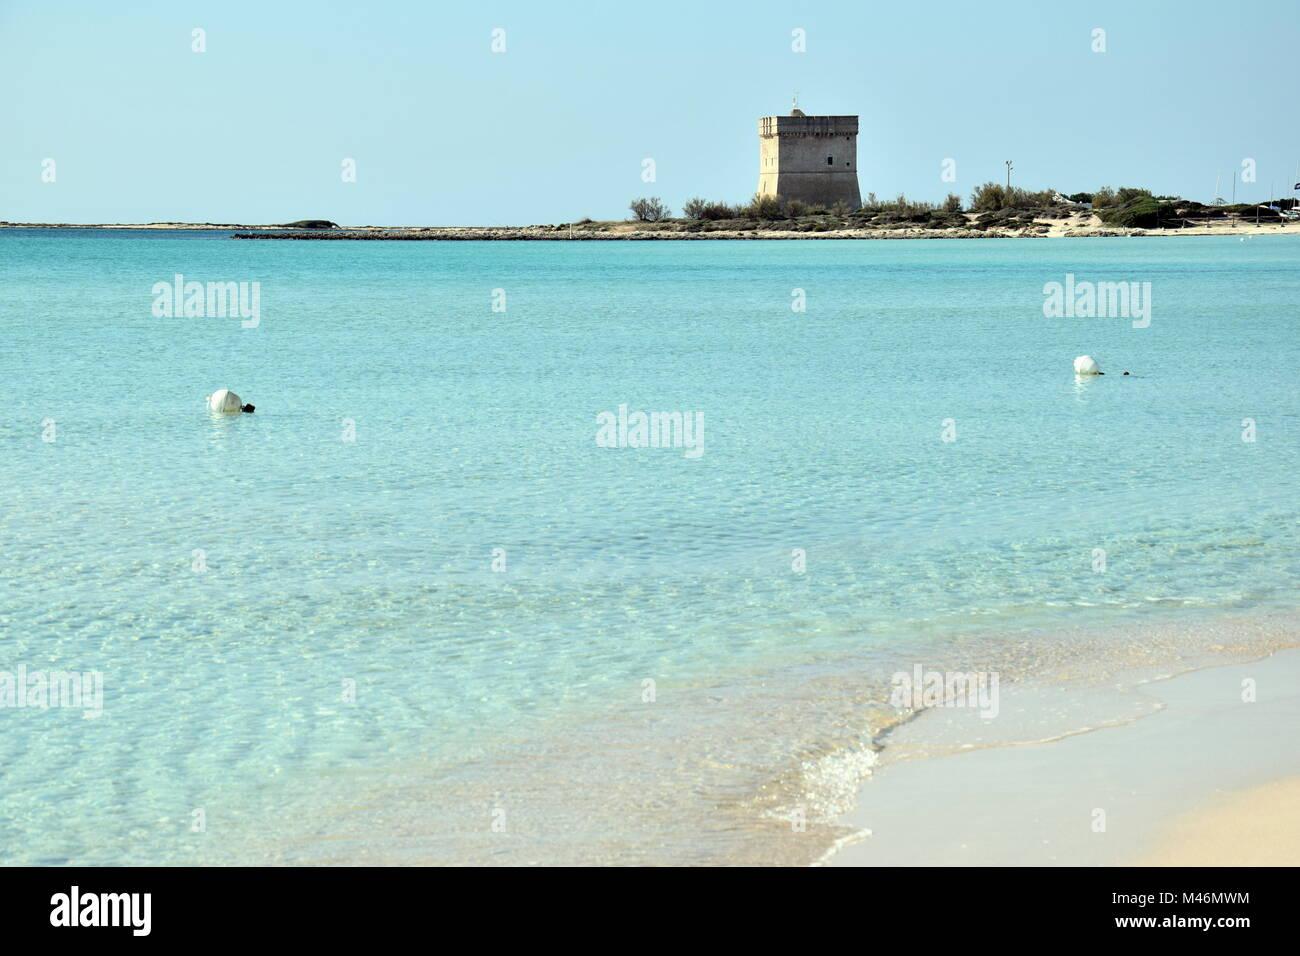 Strand in der Nähe von Porto Cesareo eine Stadt auf das Ionische Meer im  Salento, Apulien, Italien Stockfotografie - Alamy